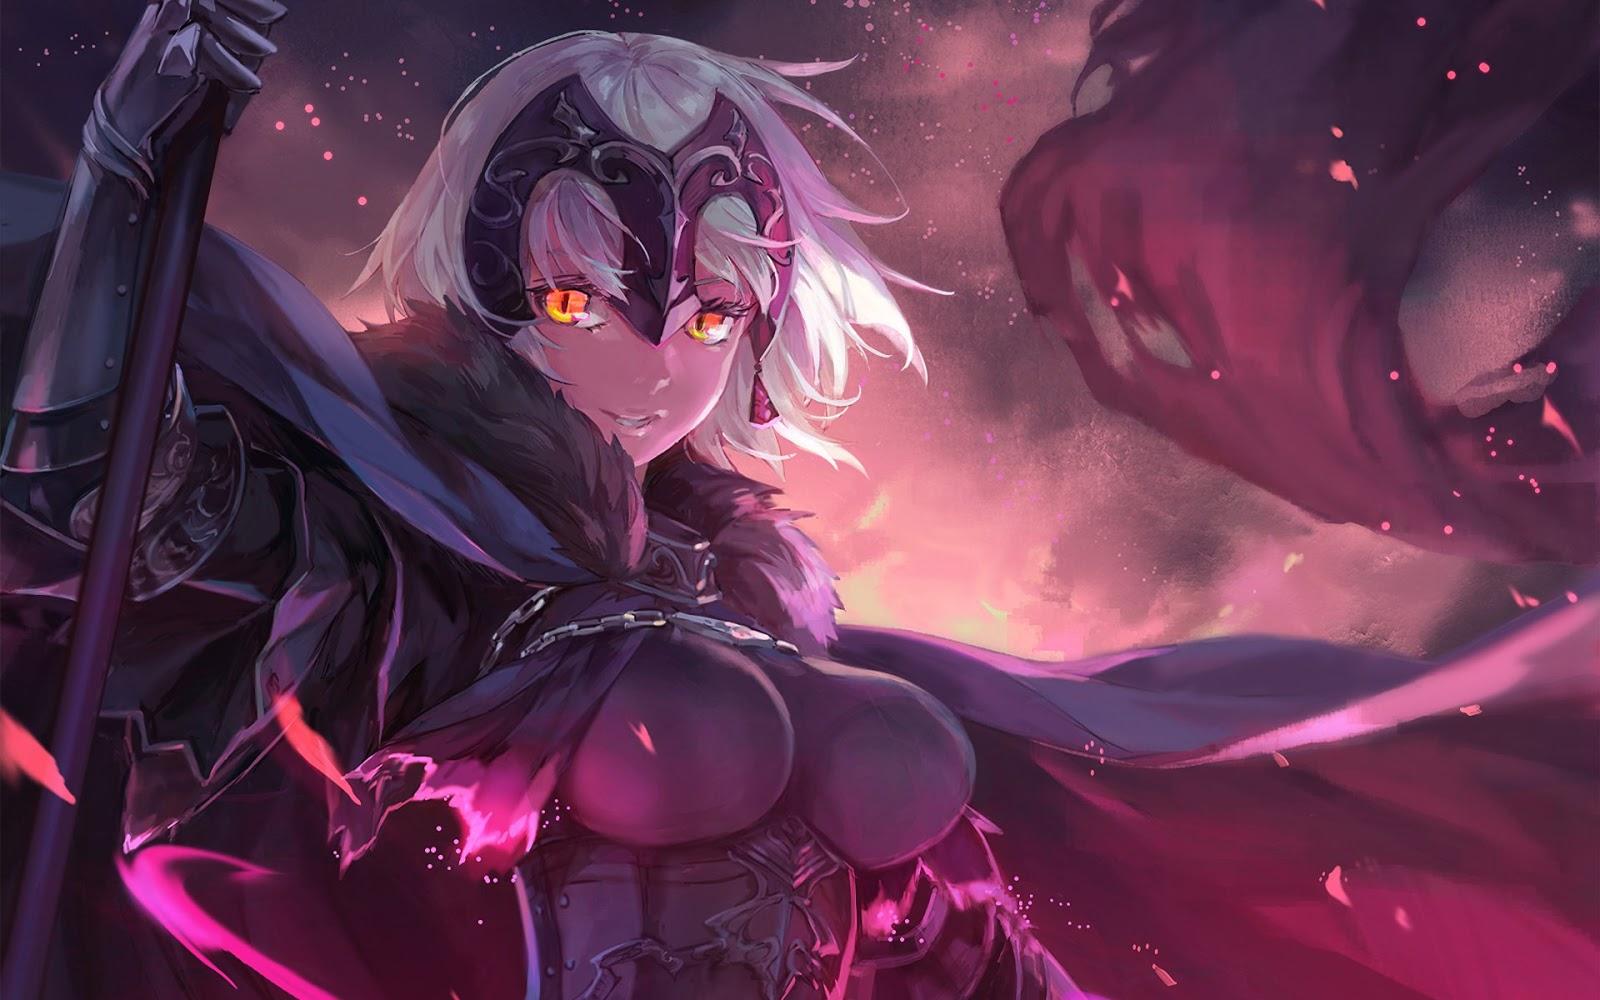 Fate AowVN%2B%252837%2529 - [ Hình Nền ] Anime Fate/GrandOrder tuyệt đẹp Full HD | Wallpaper